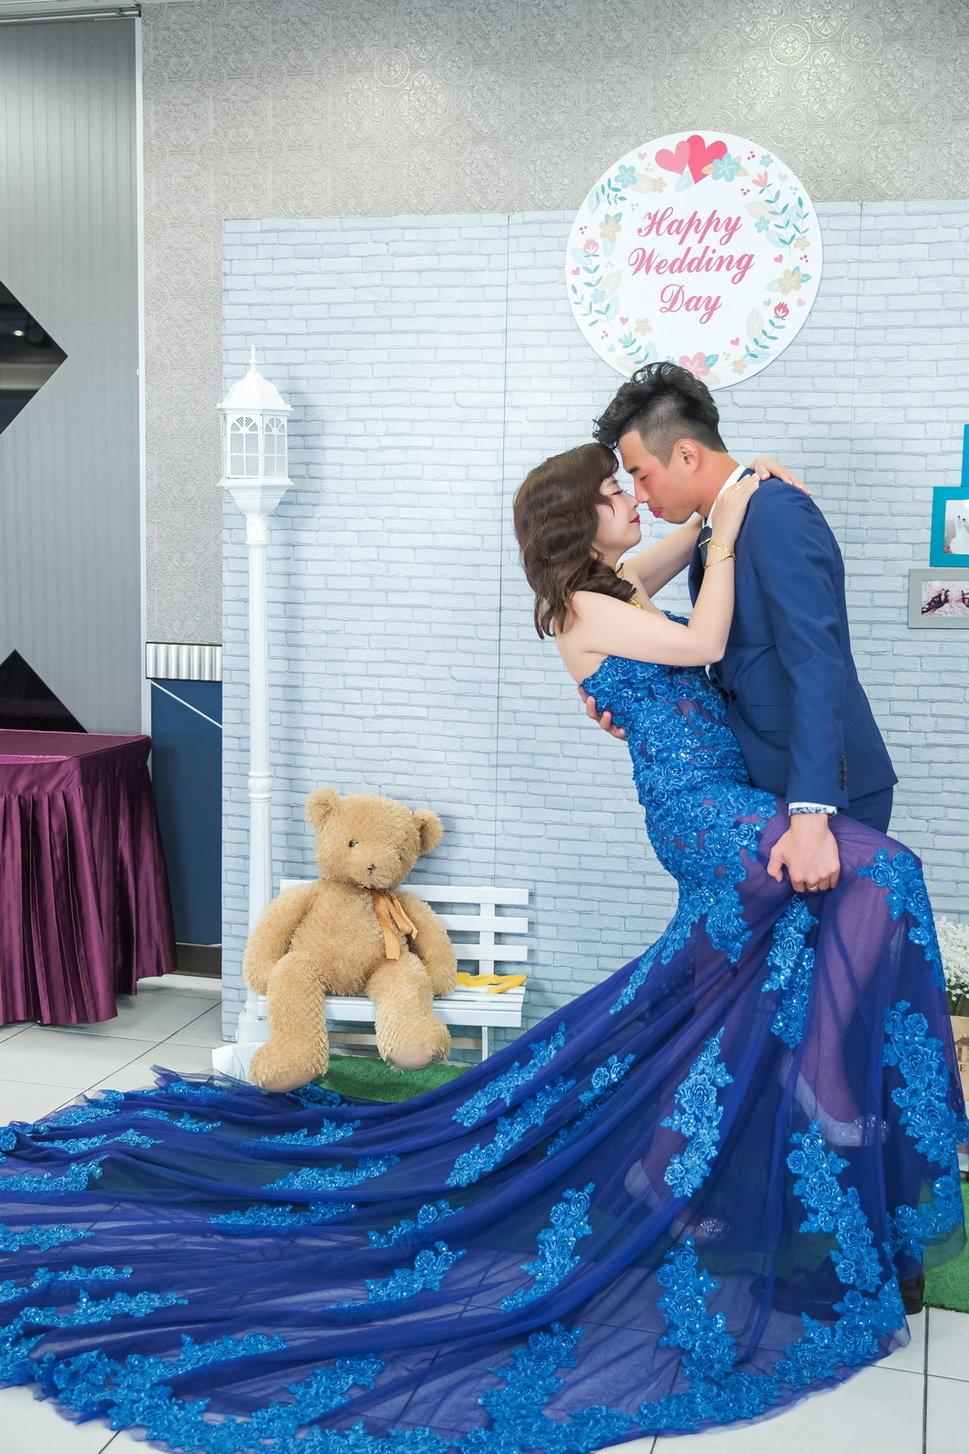 婚禮記錄- 南崁萬翔餐廳-婚攝阿卜(編號:400242) - 阿卜的攝影工作室 - 結婚吧一站式婚禮服務平台